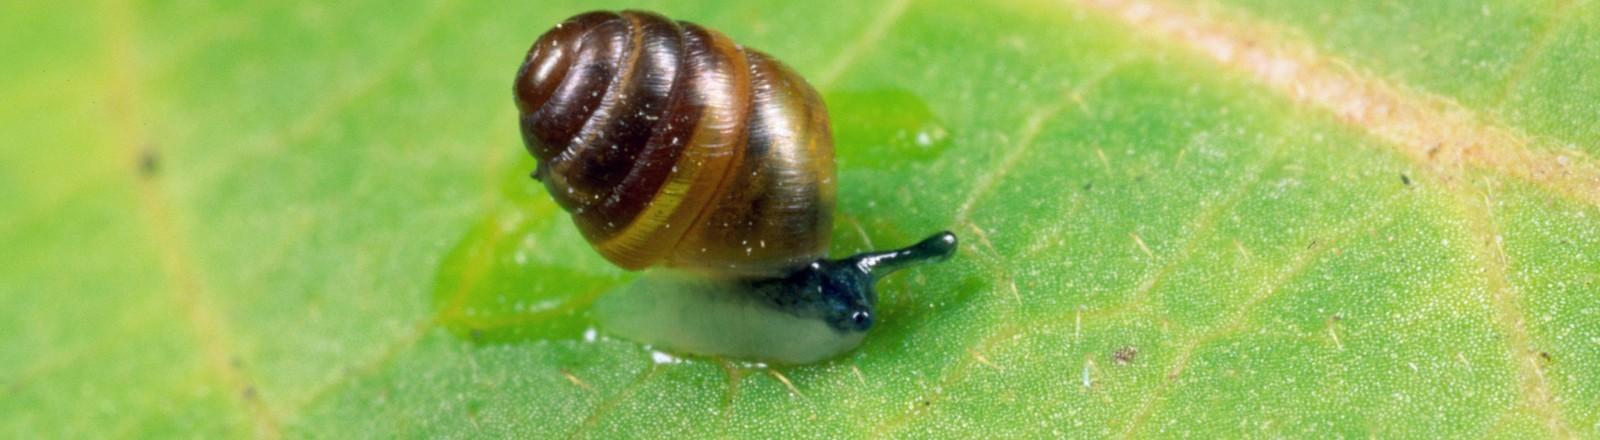 Eine kleine Schnecke auf einem grünen Blatt